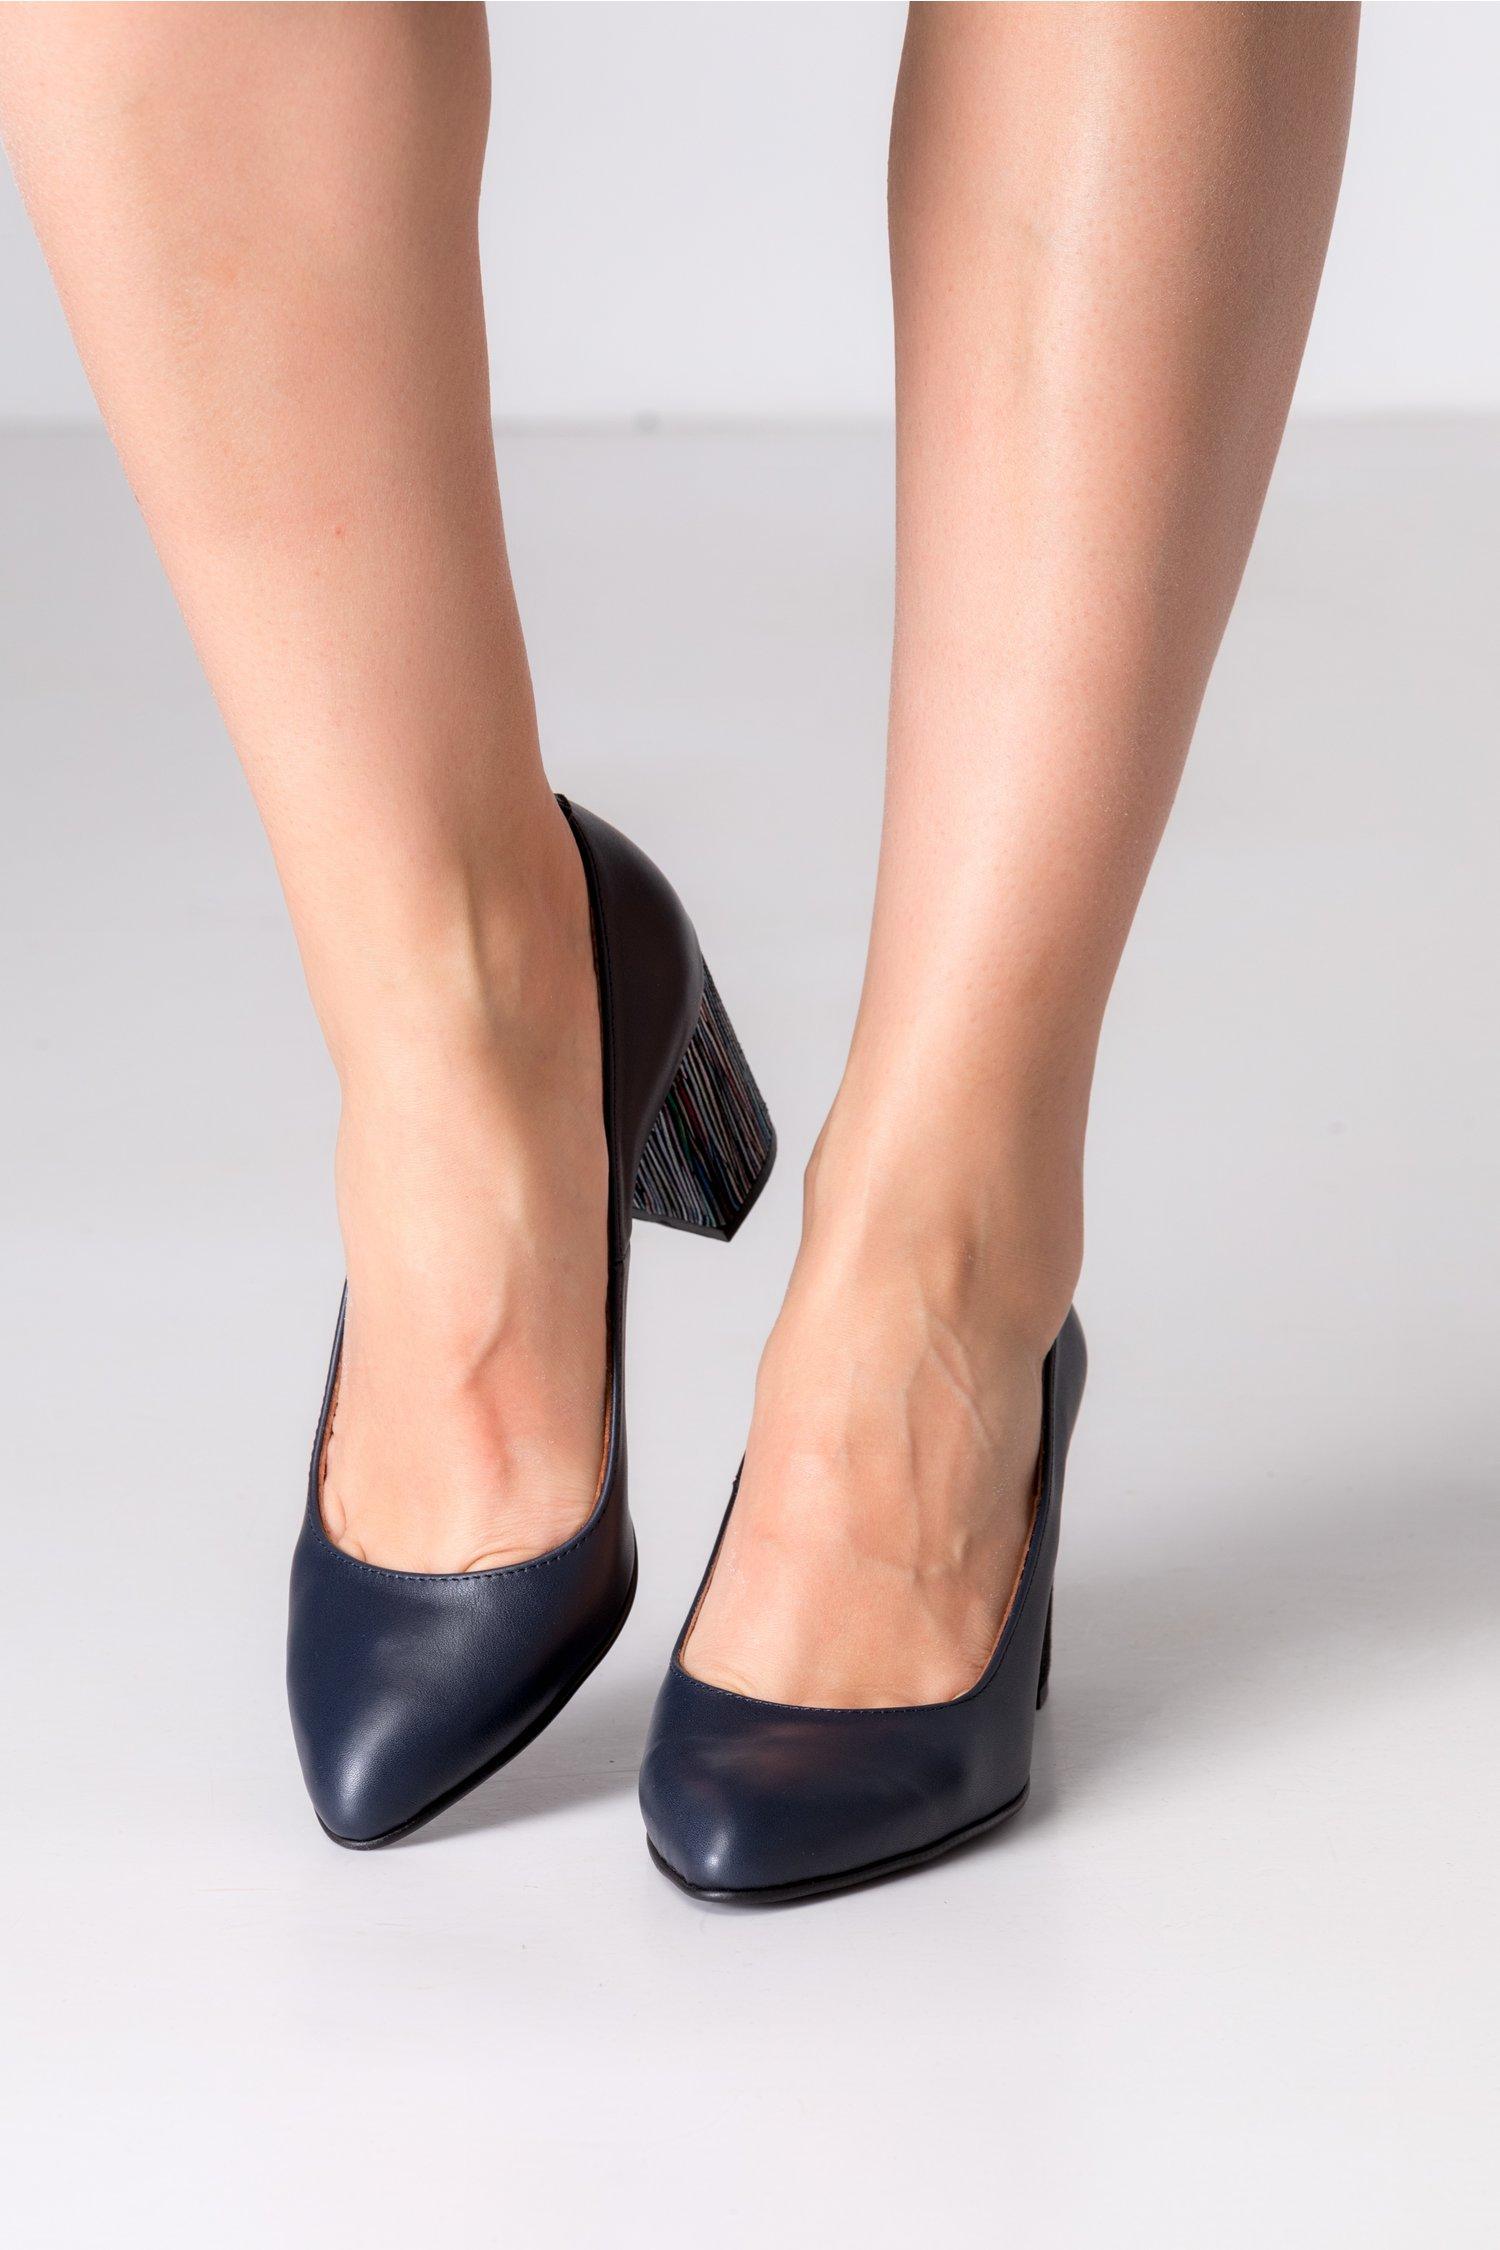 Pantofi bleumarin cu toc gros si insertii colorate